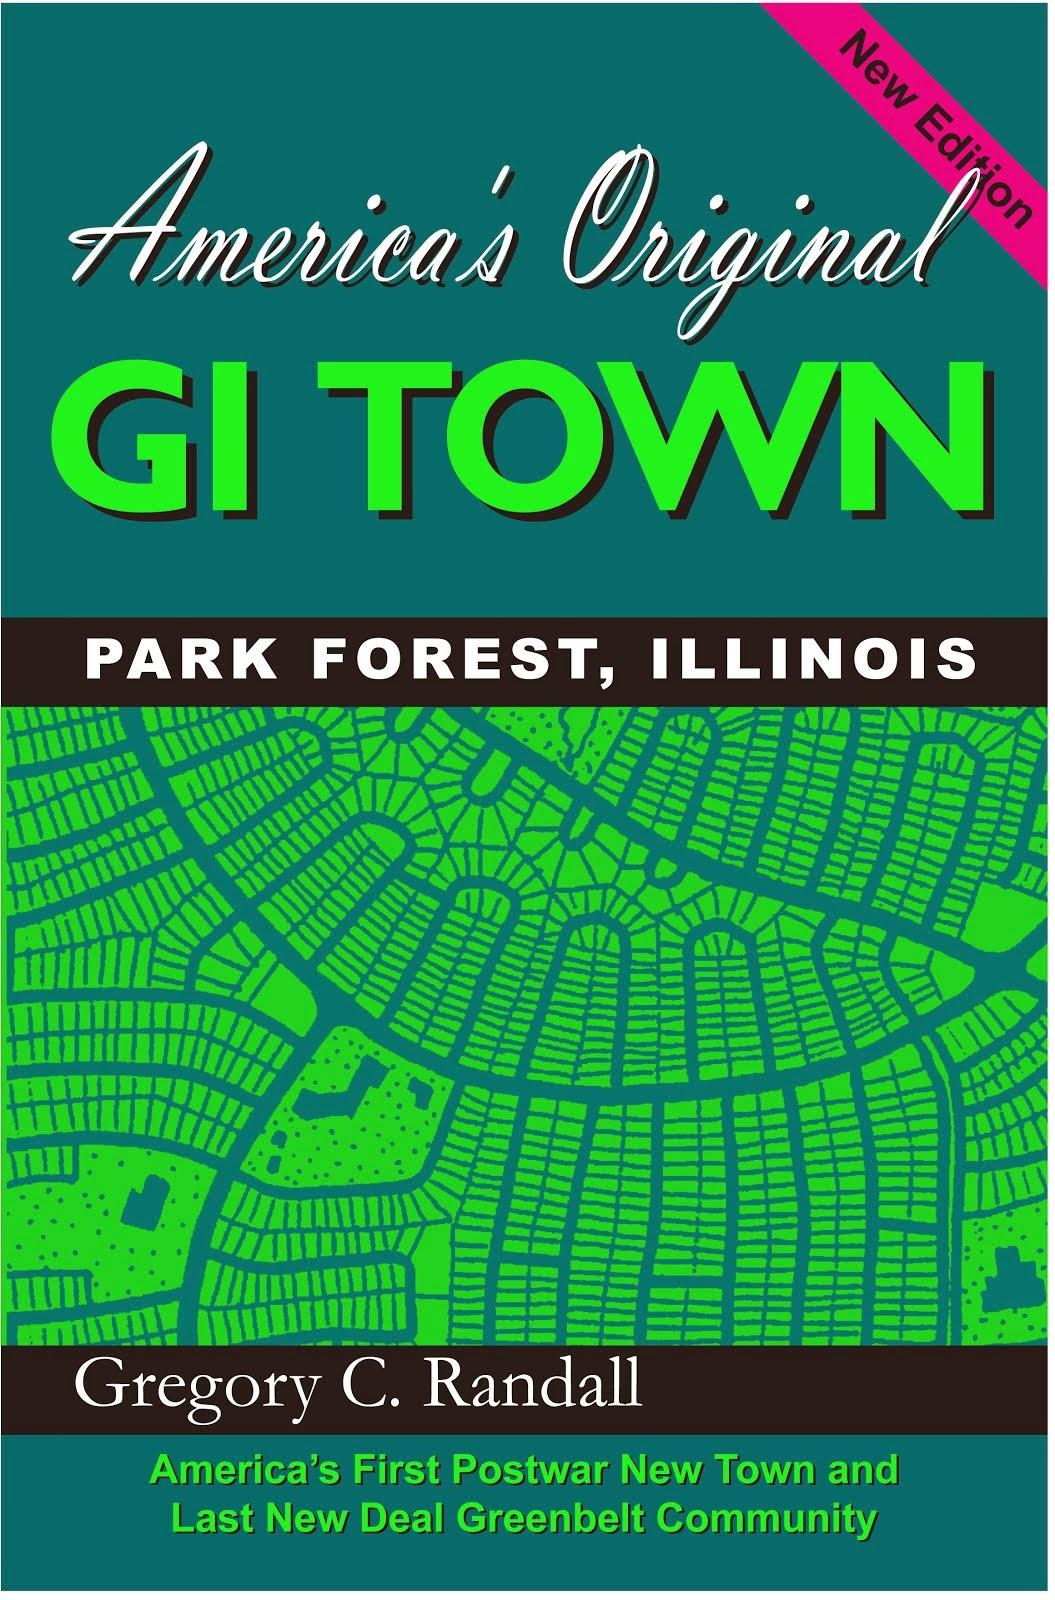 GI TOWN